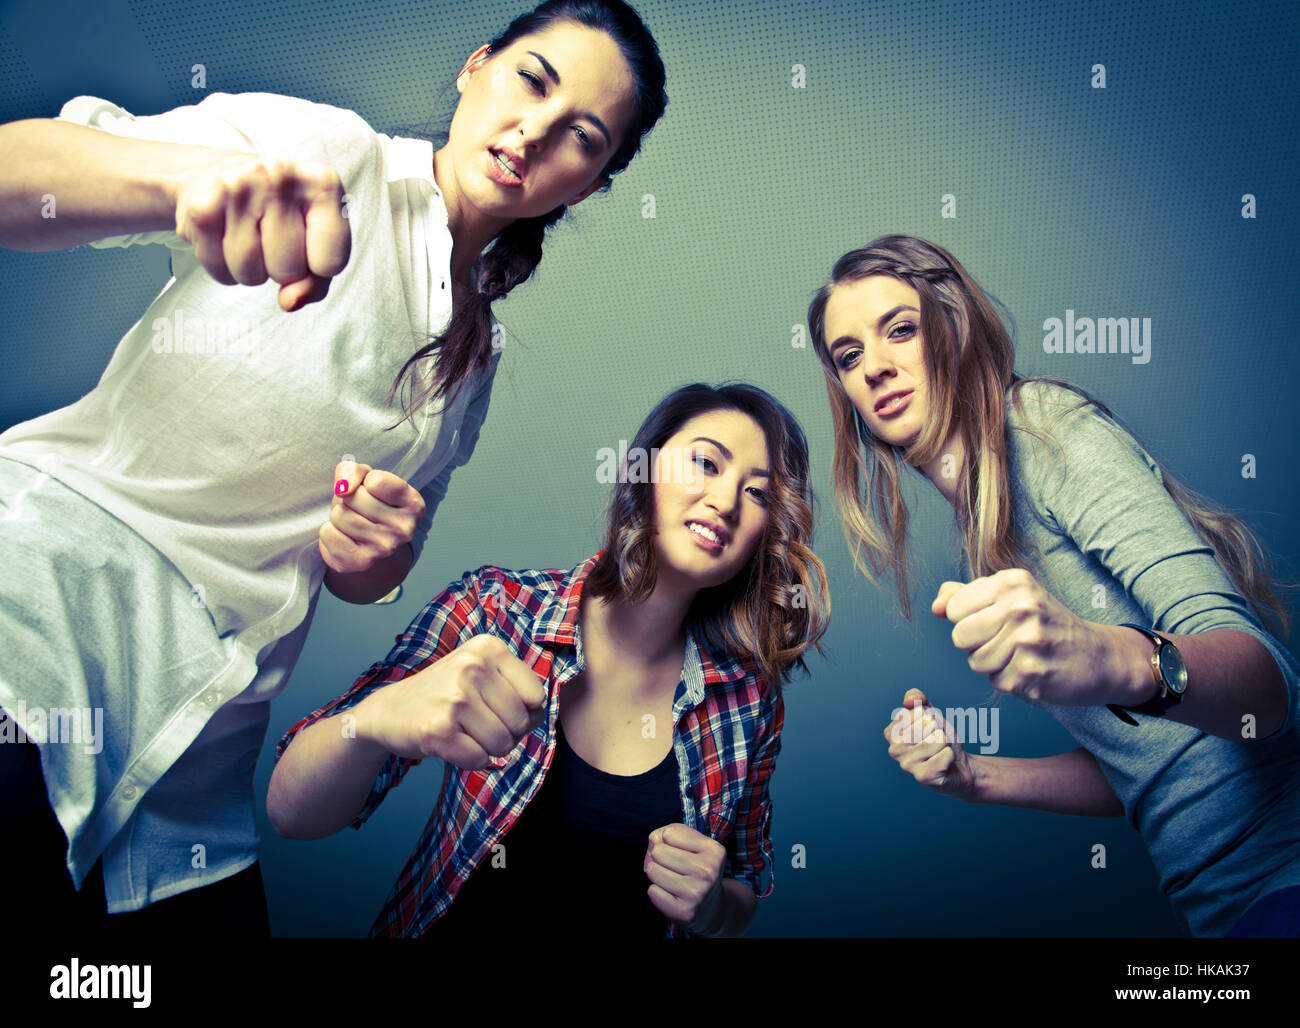 Drei böse Mädchen drohem ihrem Opfer mit Schlägen Stock Photo